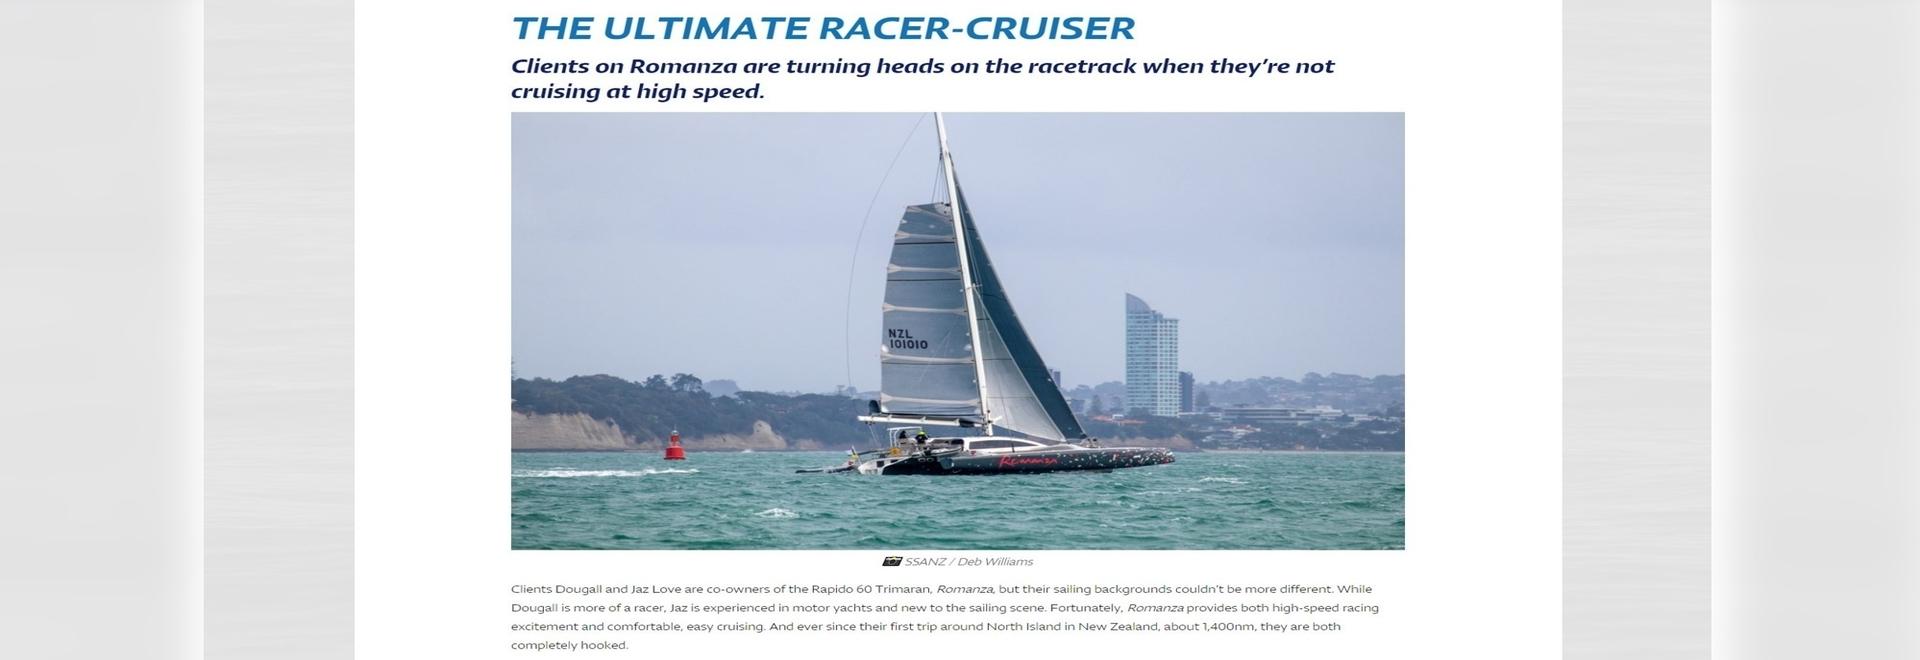 Rapido 60 è l'Ultimate Racer-Cruiser, urla il titolo North Sails!